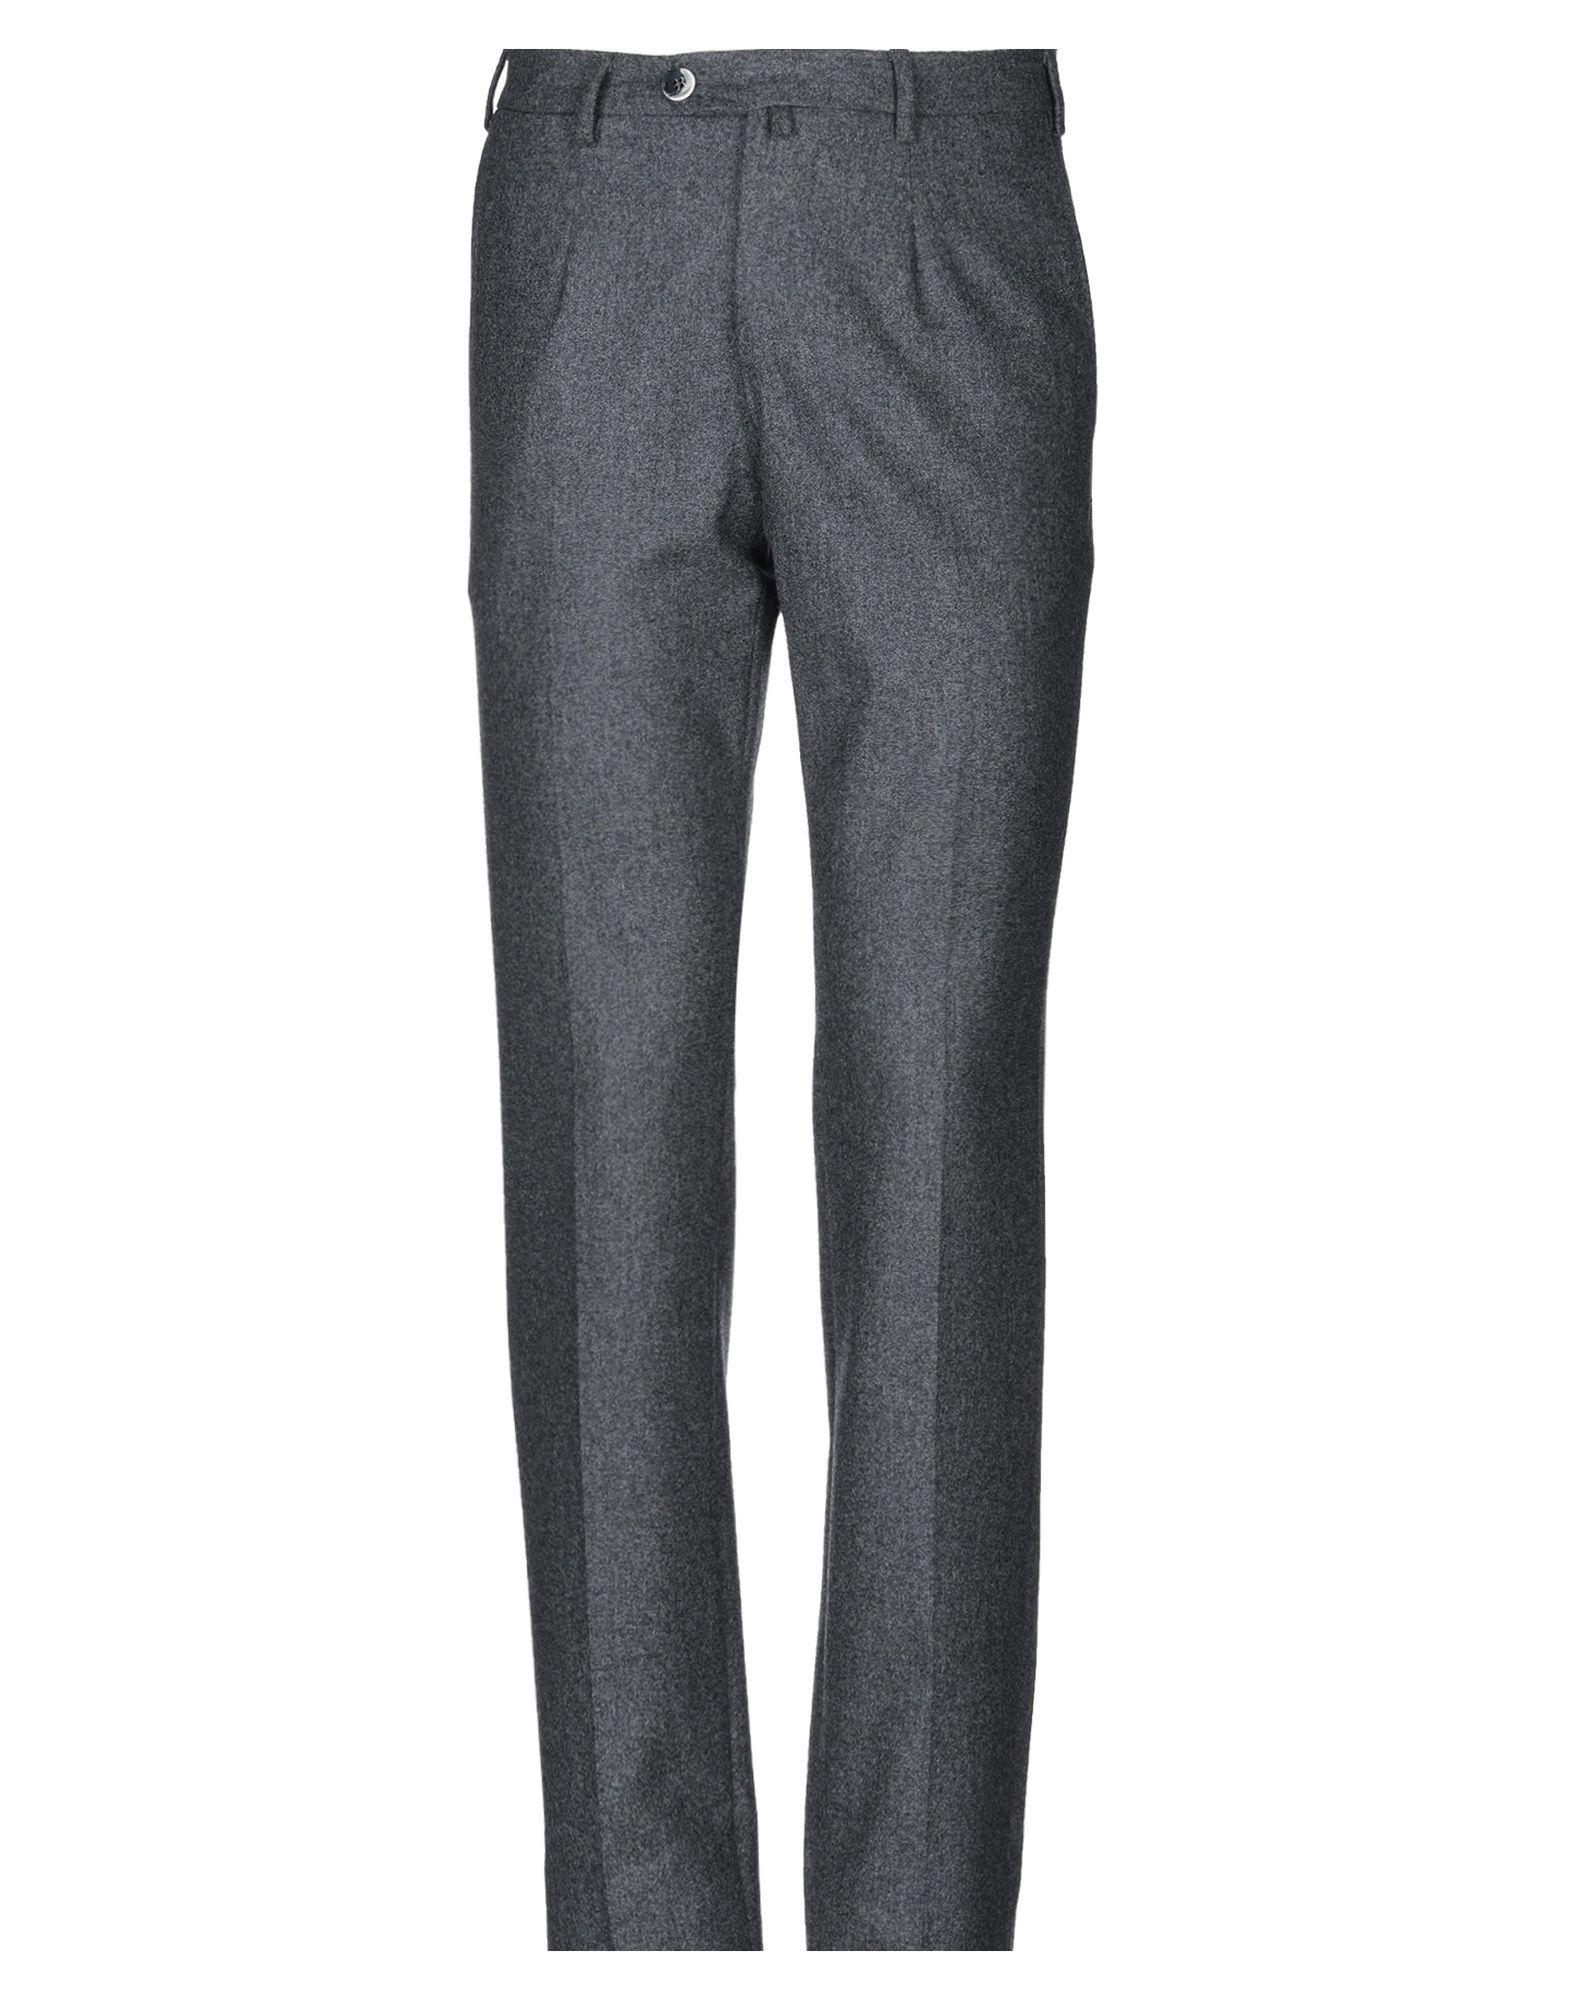 《送料無料》SARTORIA SORRENTO メンズ パンツ グレー 46 ウール 100%